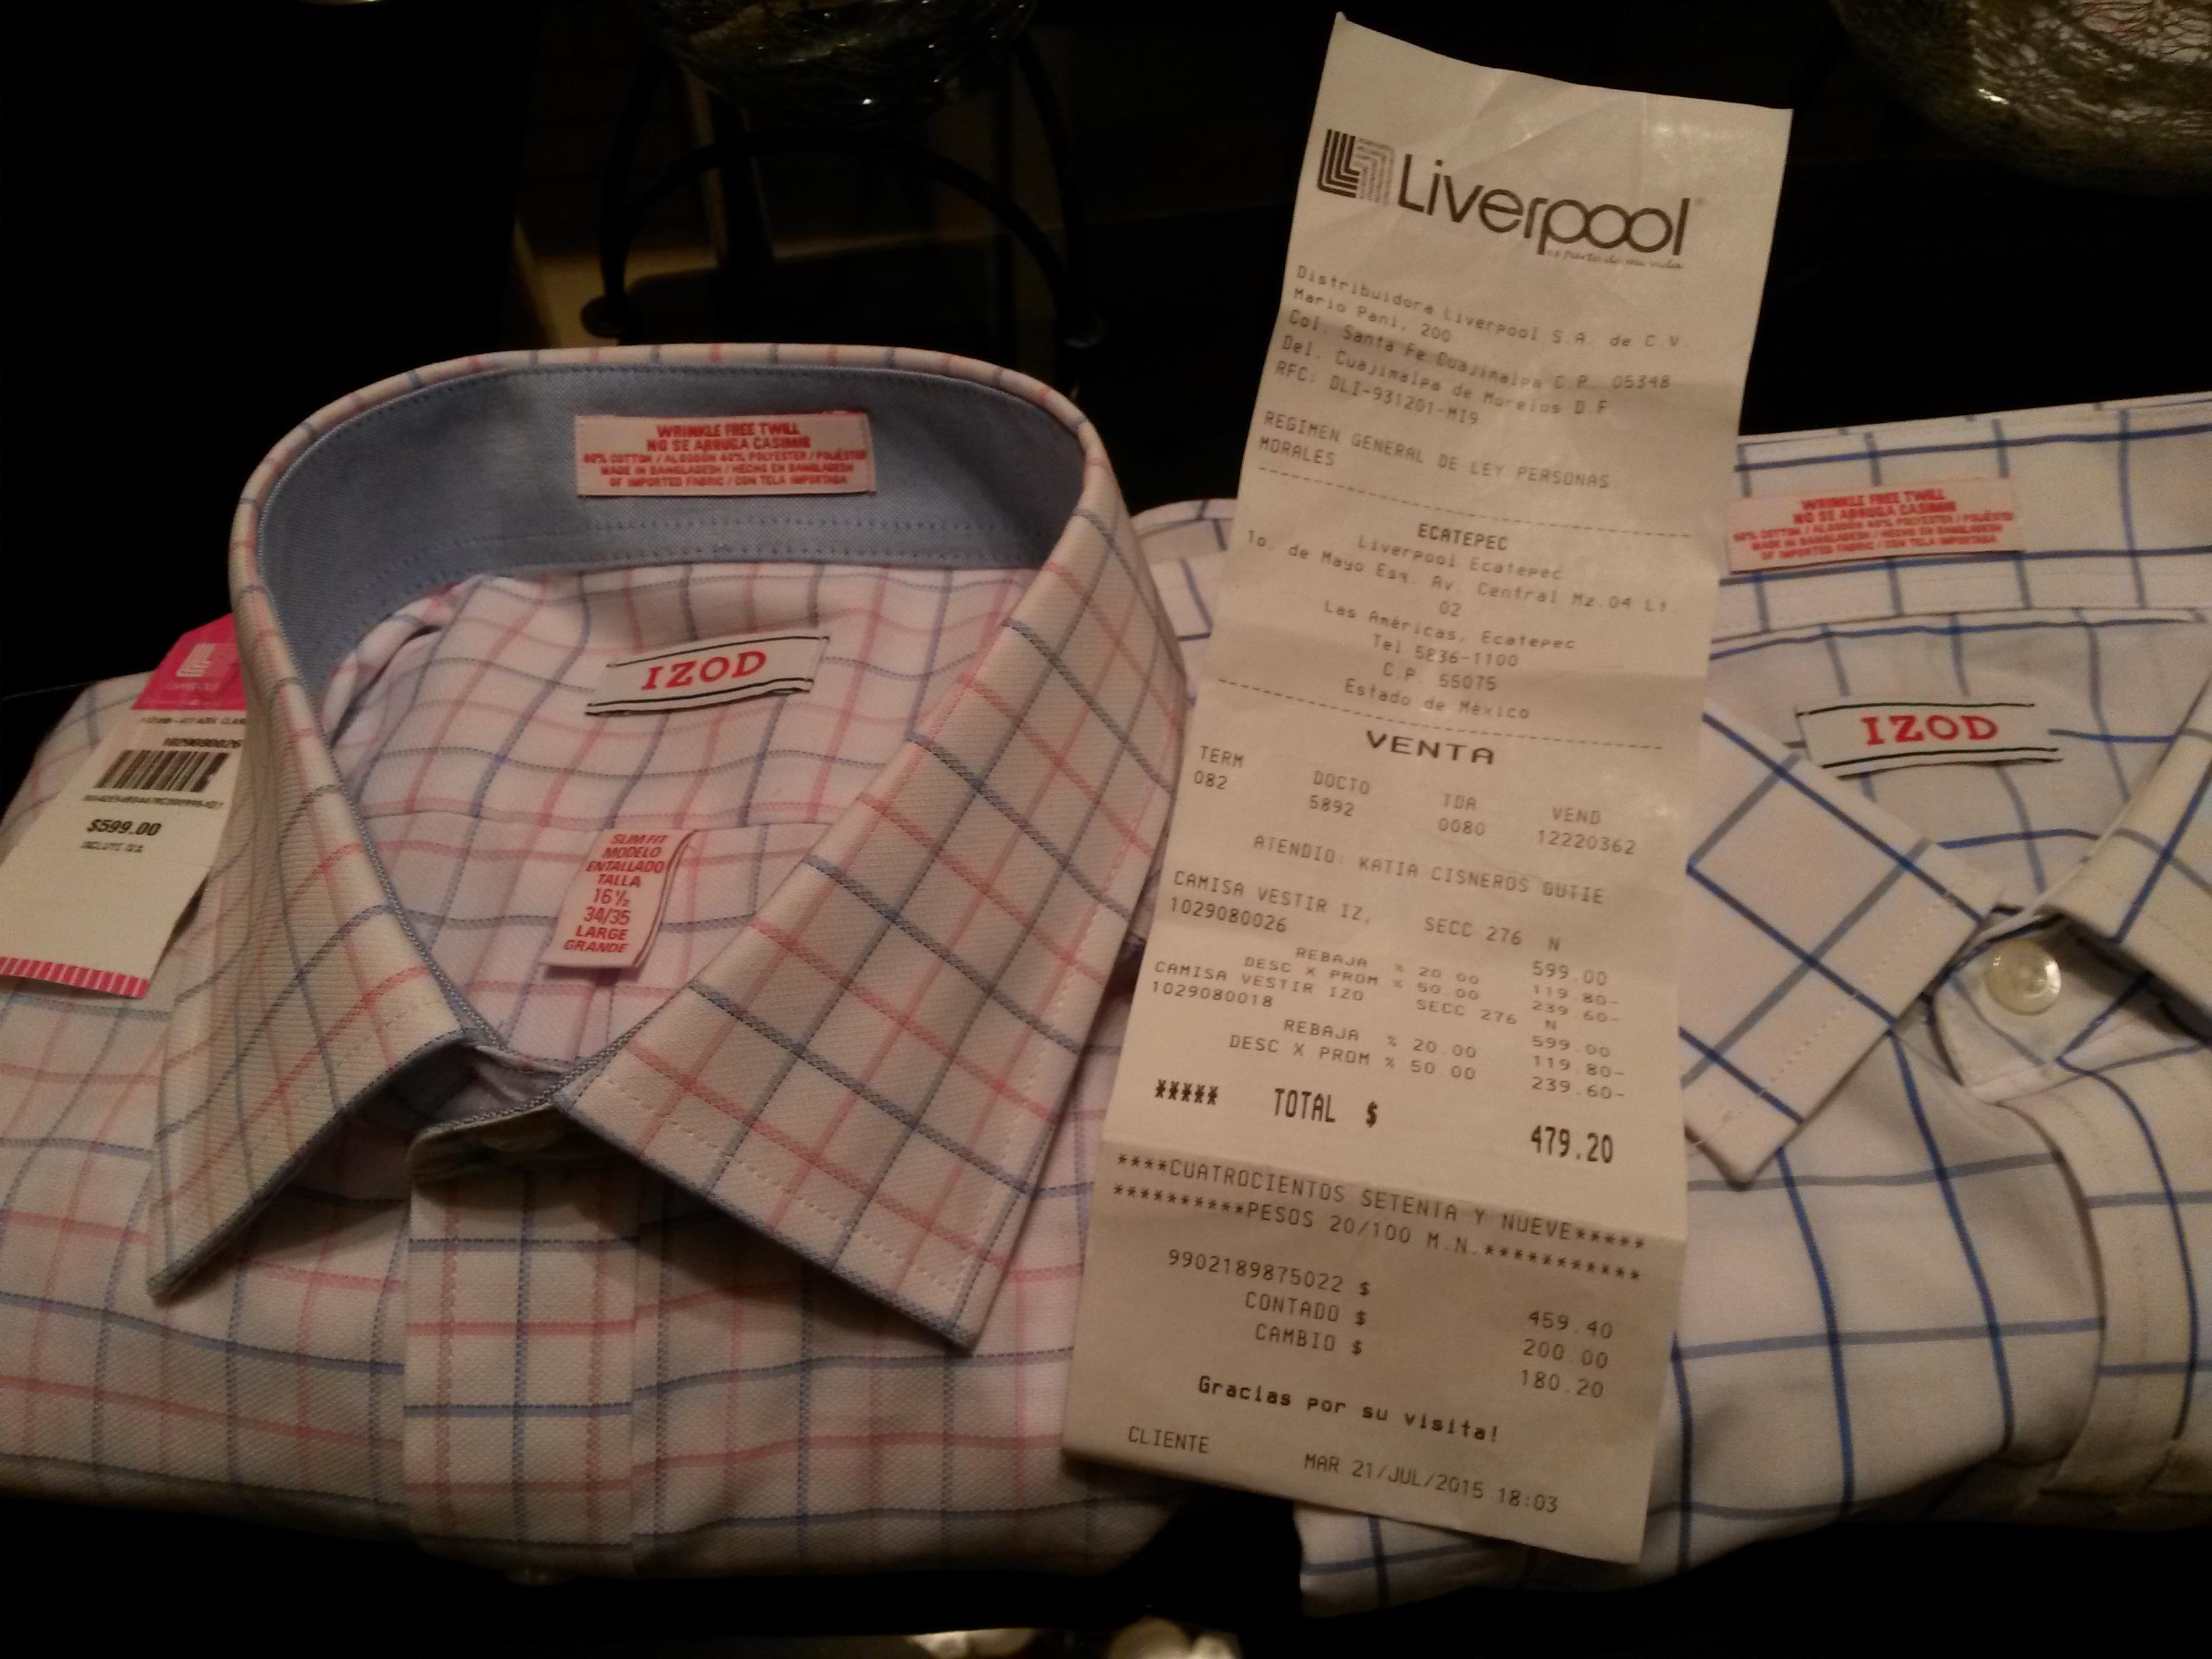 Liverpool: Camisa IZOD con 50%+20% de descuento, $599 a $ 240